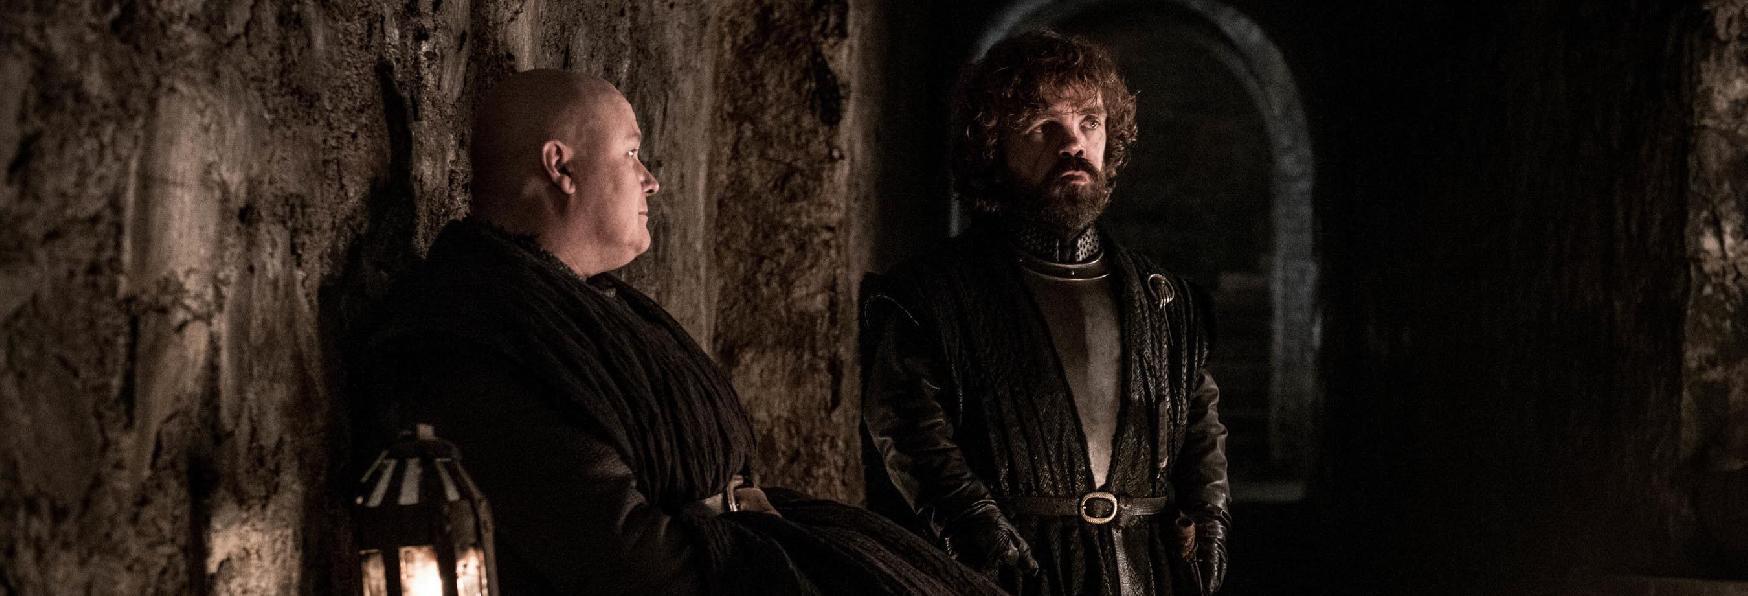 Game of Thrones 8x03: Approfondimenti e Previsioni sull'Episodio in Onda Lunedì